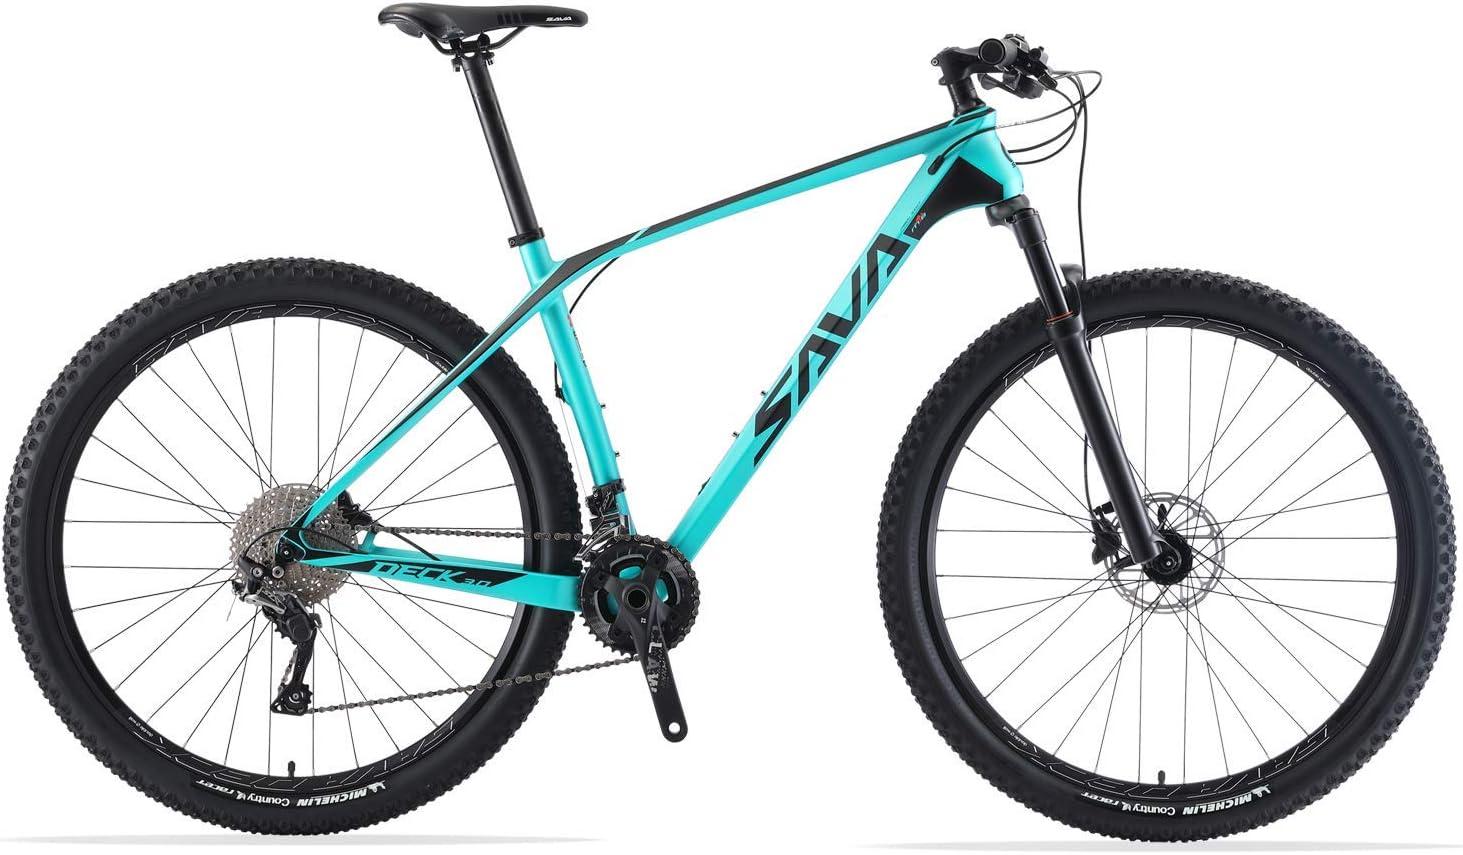 SAVADECK DECK6.0 - Bicicleta de montaña de carbono ultraligera con 30 marchas Shimano DEORE M6000 Group Set y cola dura completa